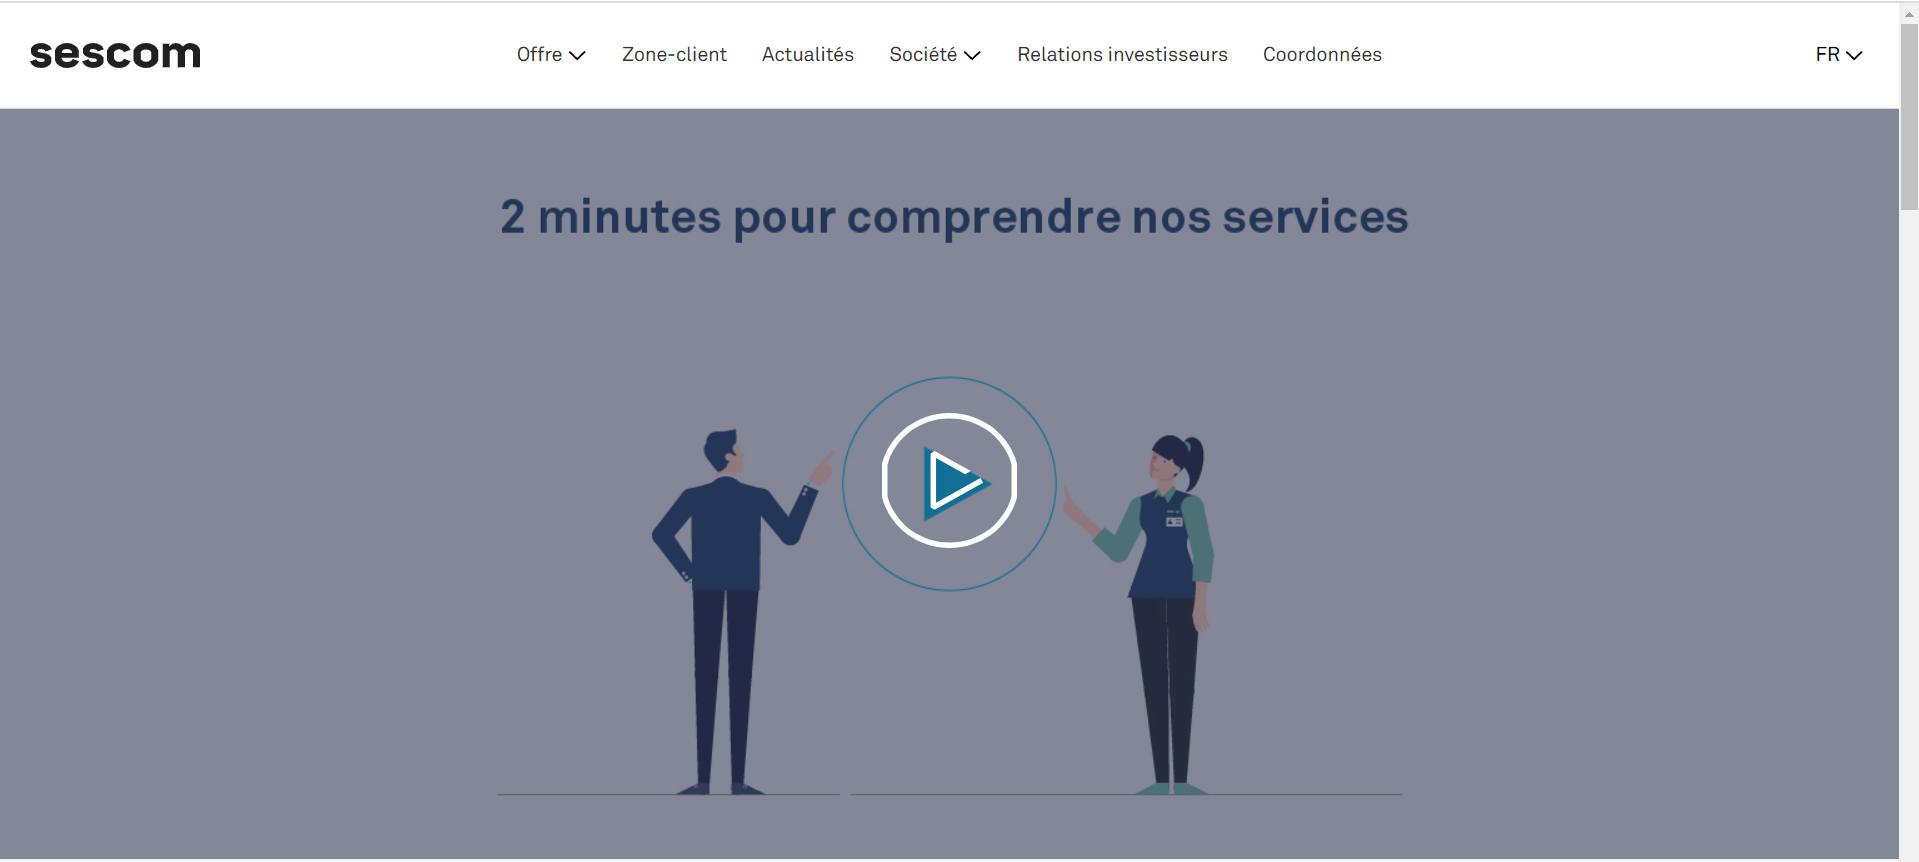 Zrzut Ekranu Animacja Sescom FR